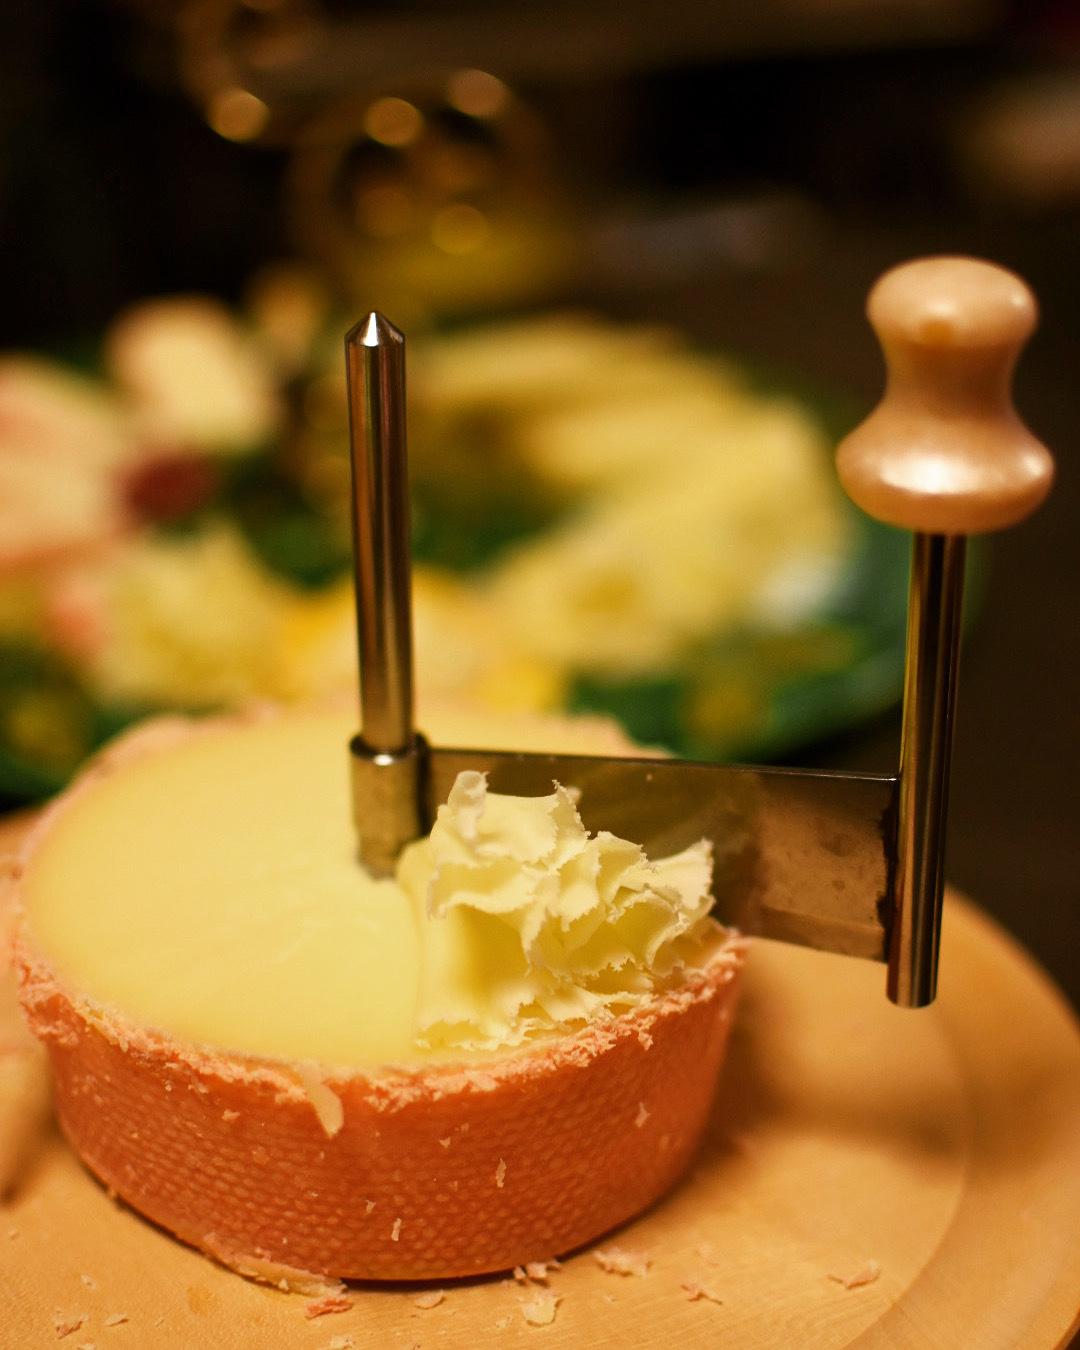 アルザス料理とおいしいお土産 スペシャルレッスン風景_a0100596_10231630.jpeg